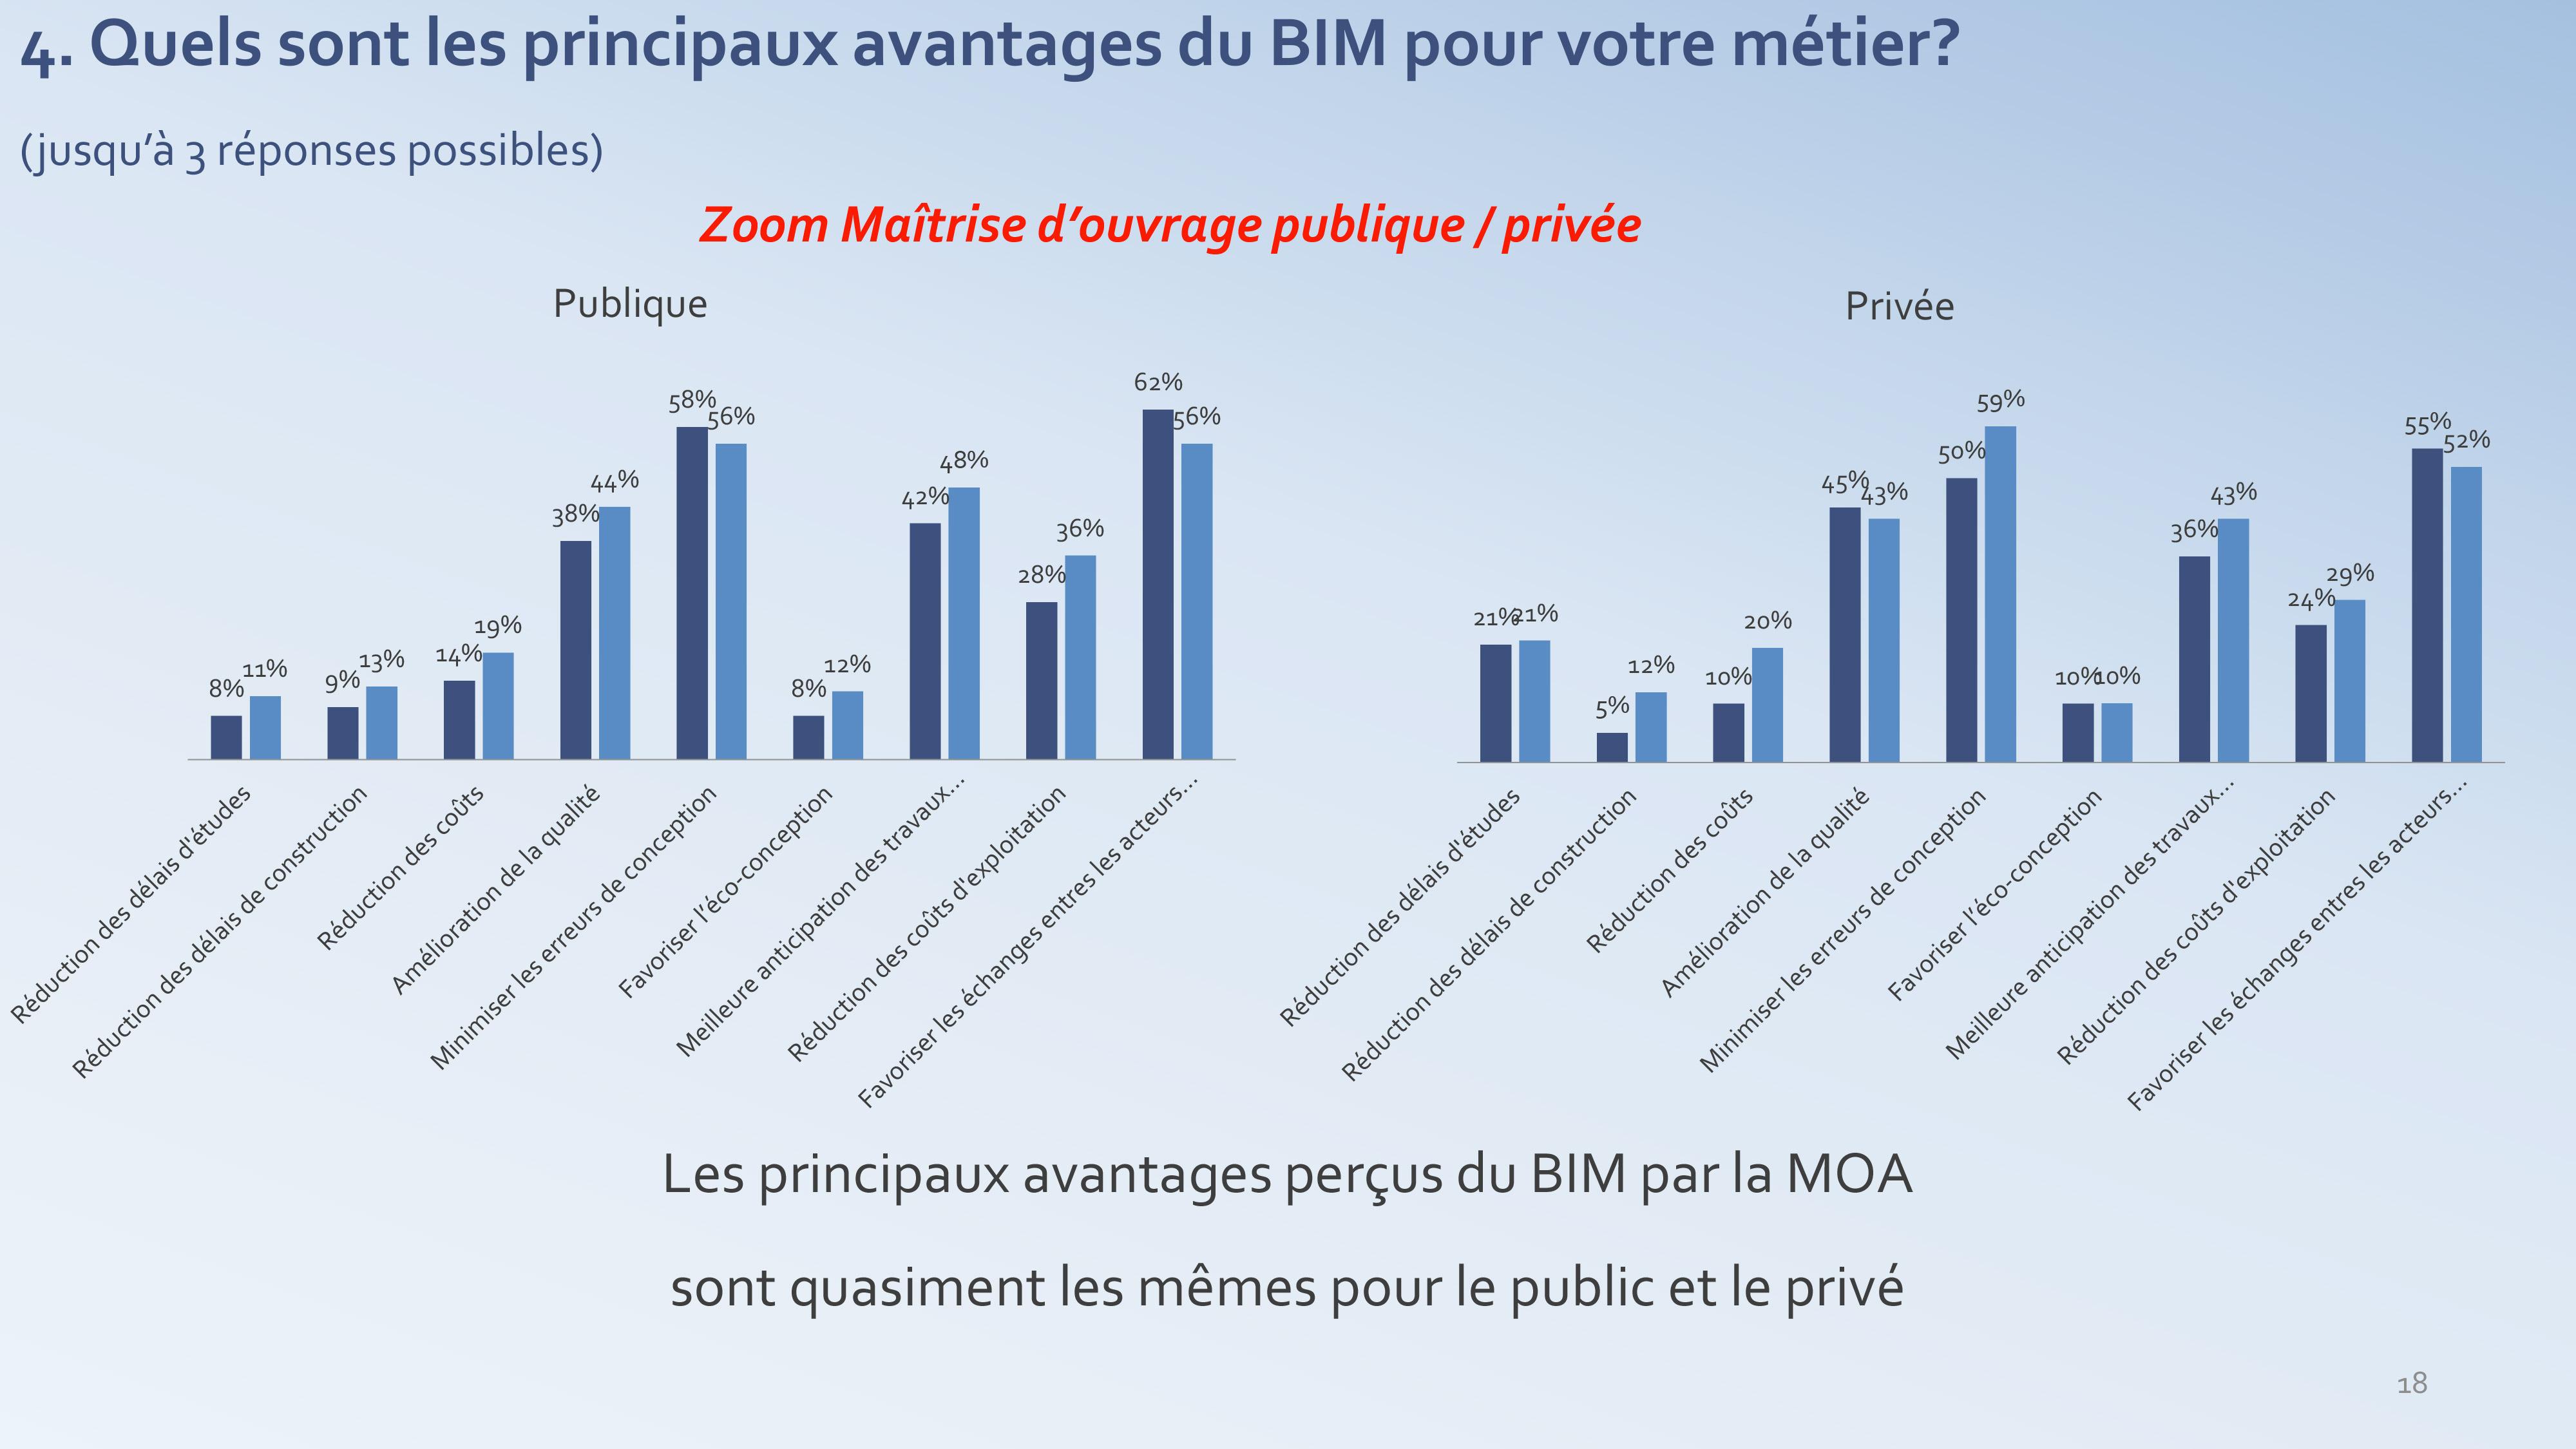 Les avantages du BIM pour la MOA - enquête PTNB 2017